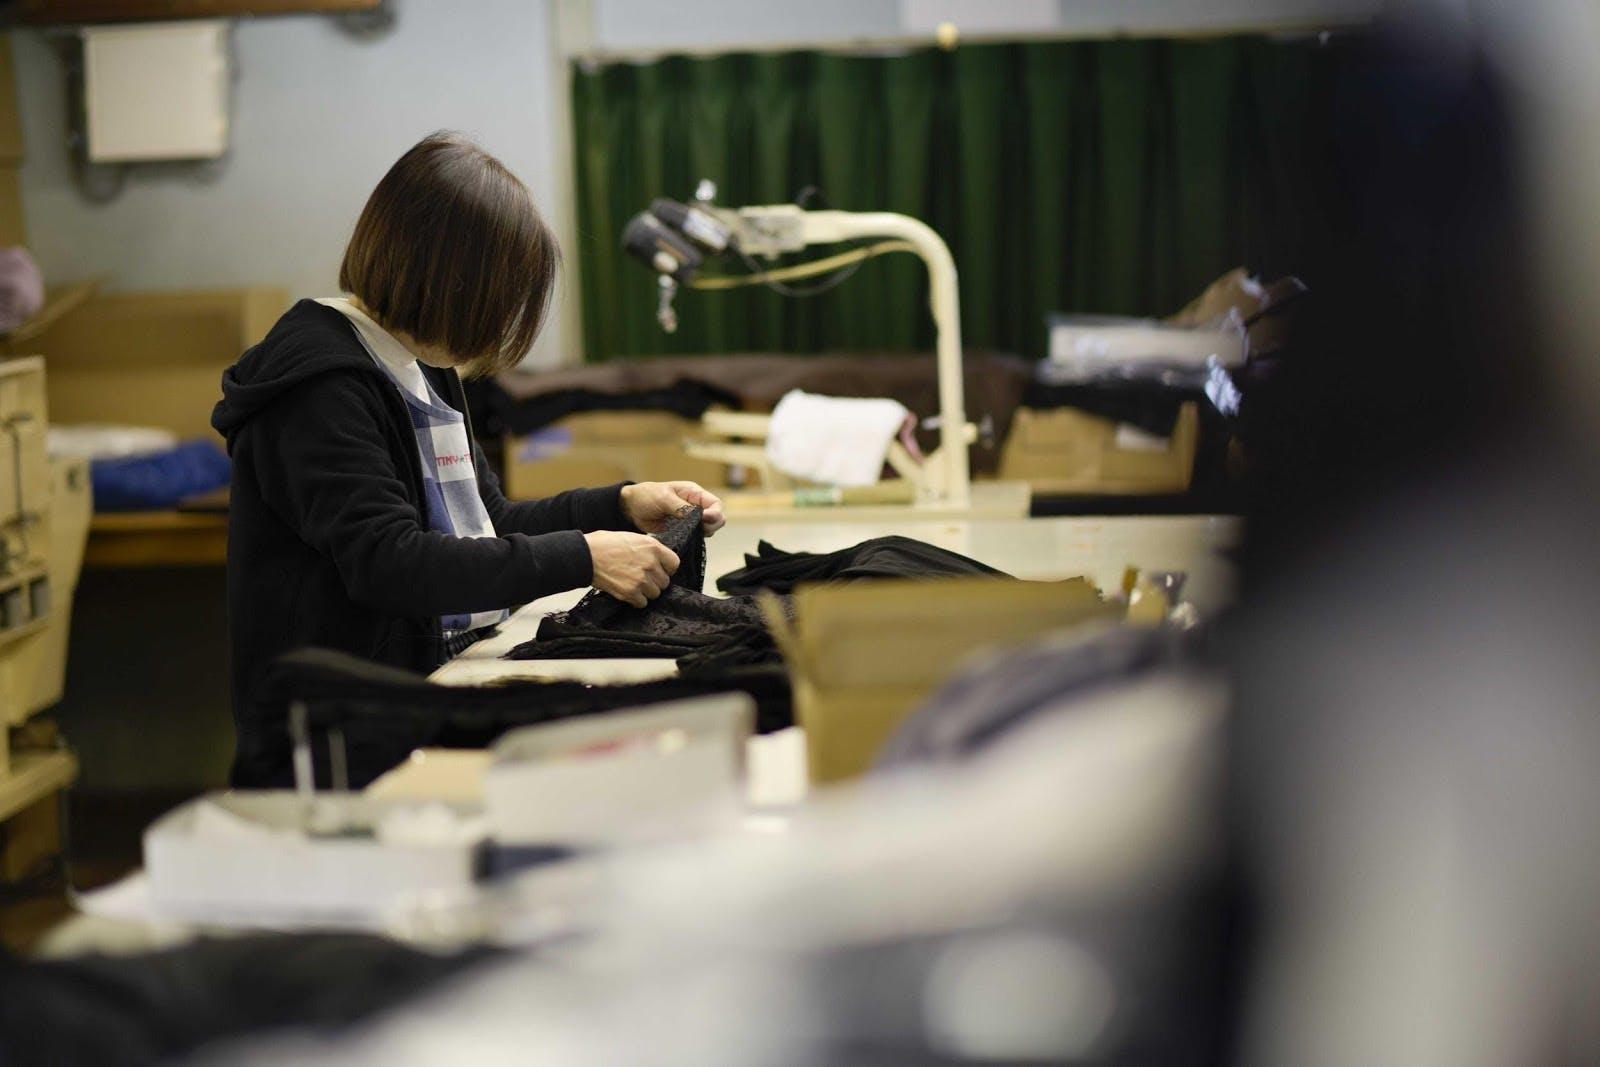 屋内, 人, テーブル, 座る が含まれている画像  自動的に生成された説明